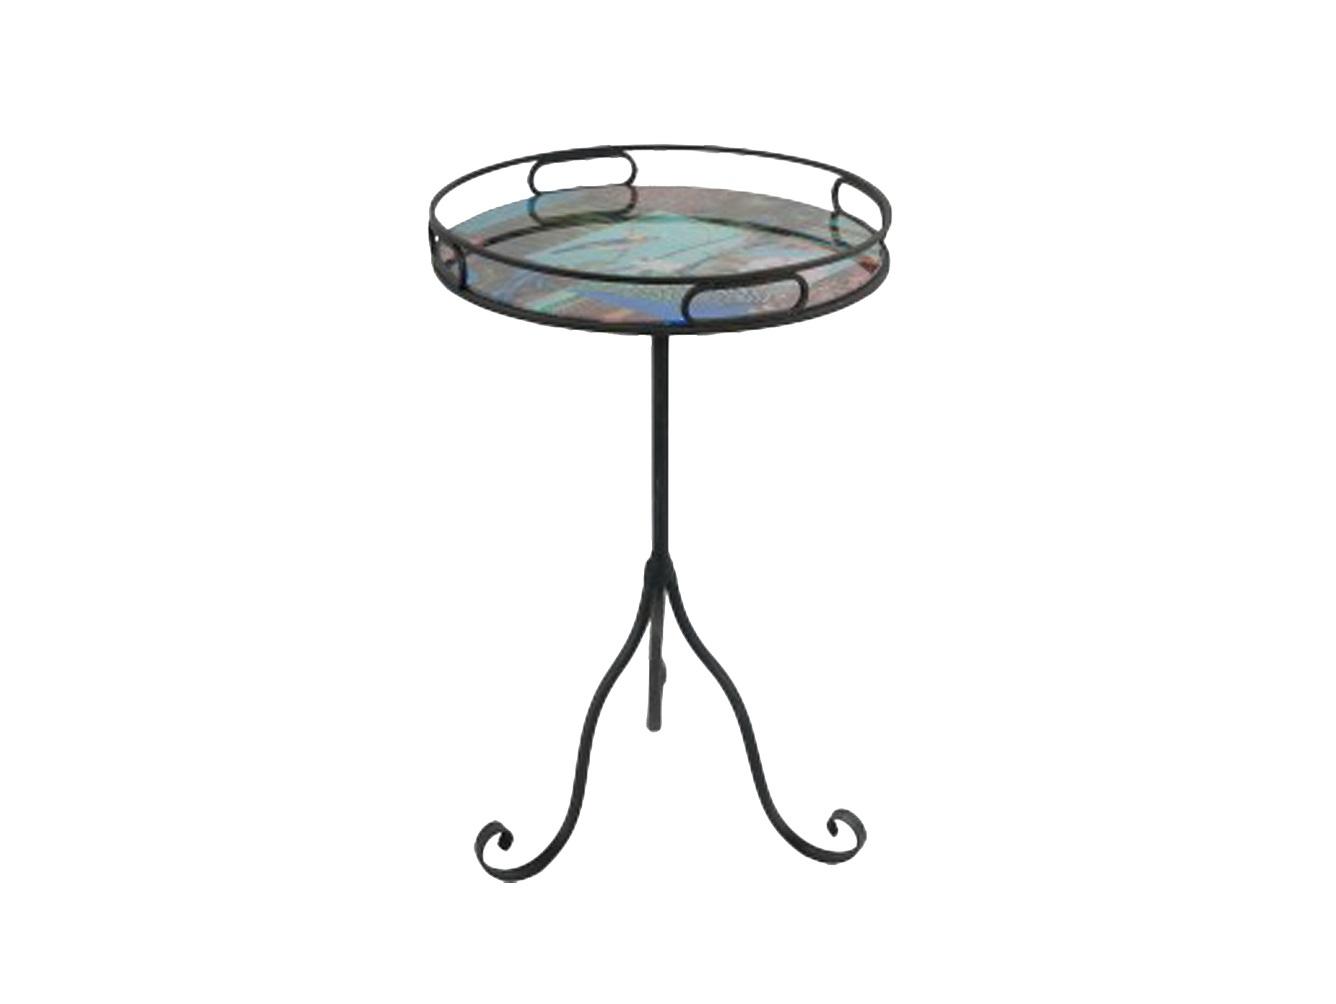 Столик для лампыПриставные столики<br>Круглый столик на металлической ножке. Столешница из стекла с рисунком.<br><br>Material: Стекло<br>Height см: 73<br>Diameter см: 46